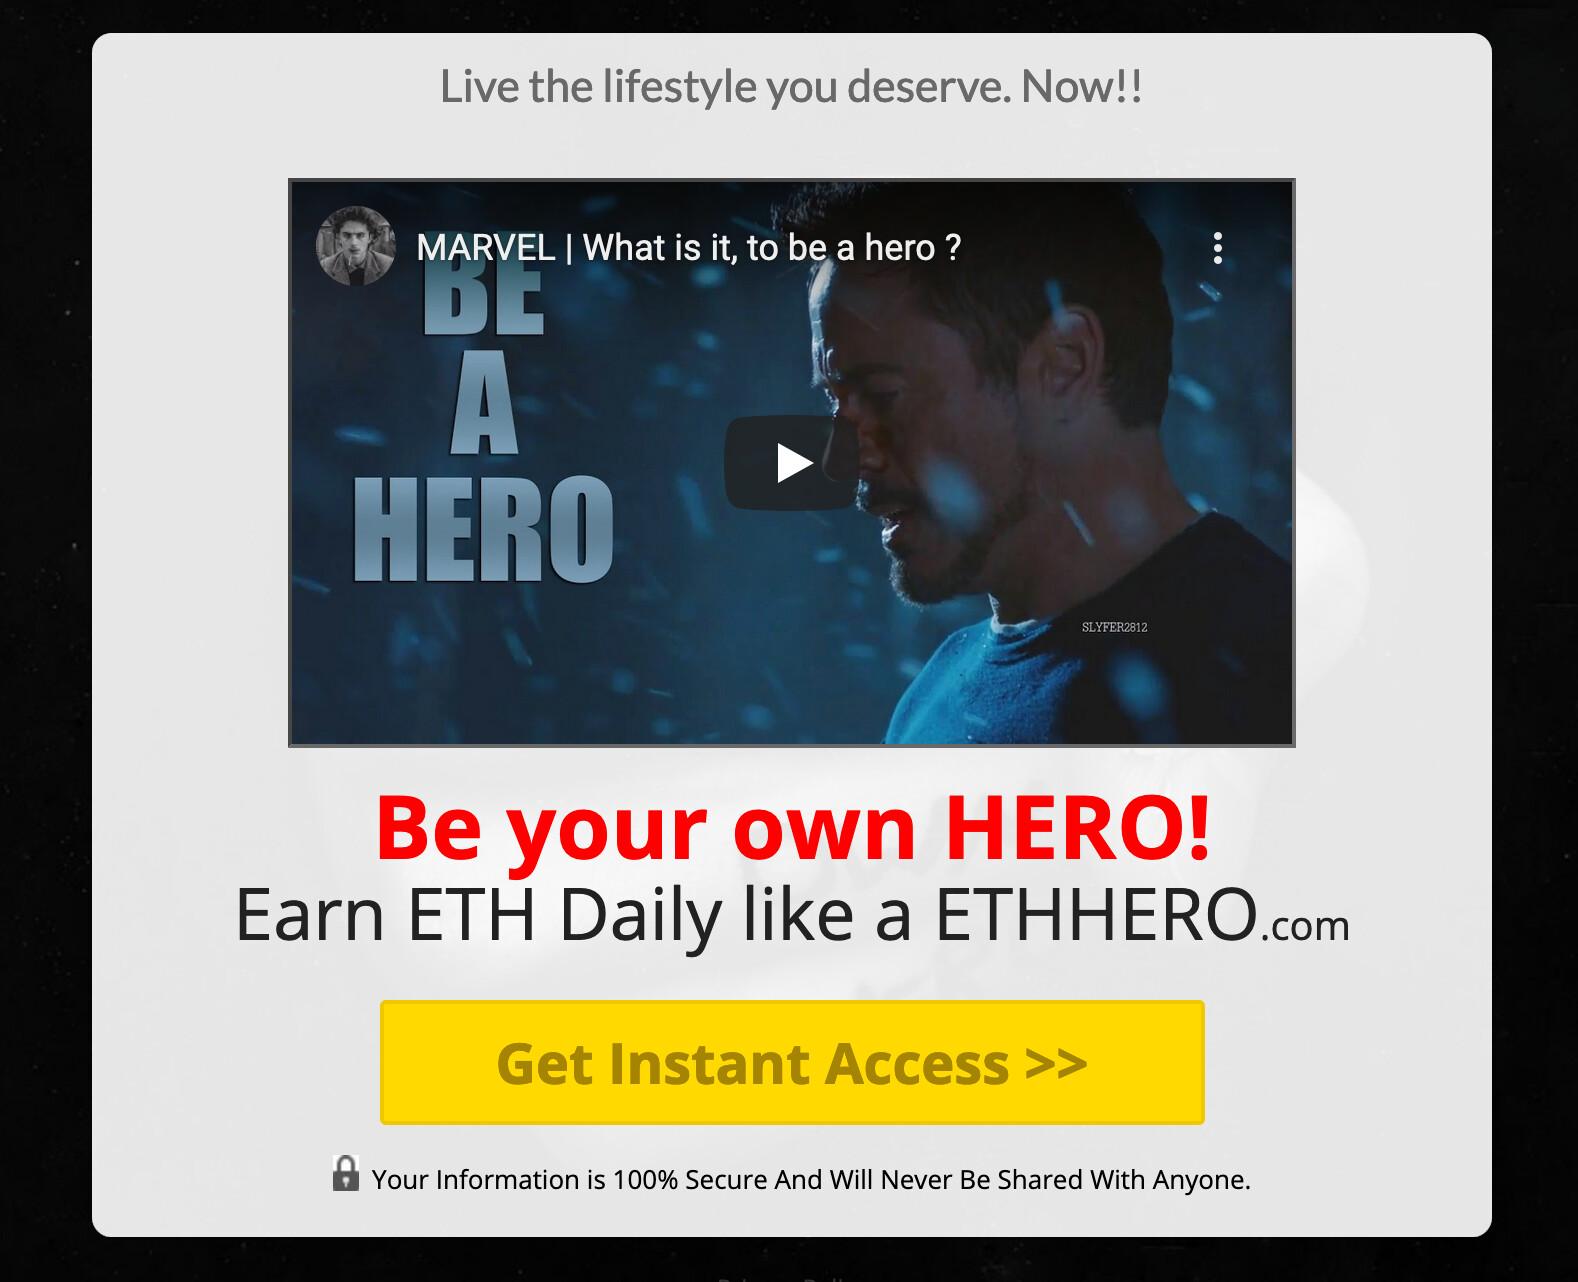 be.ethhero.com